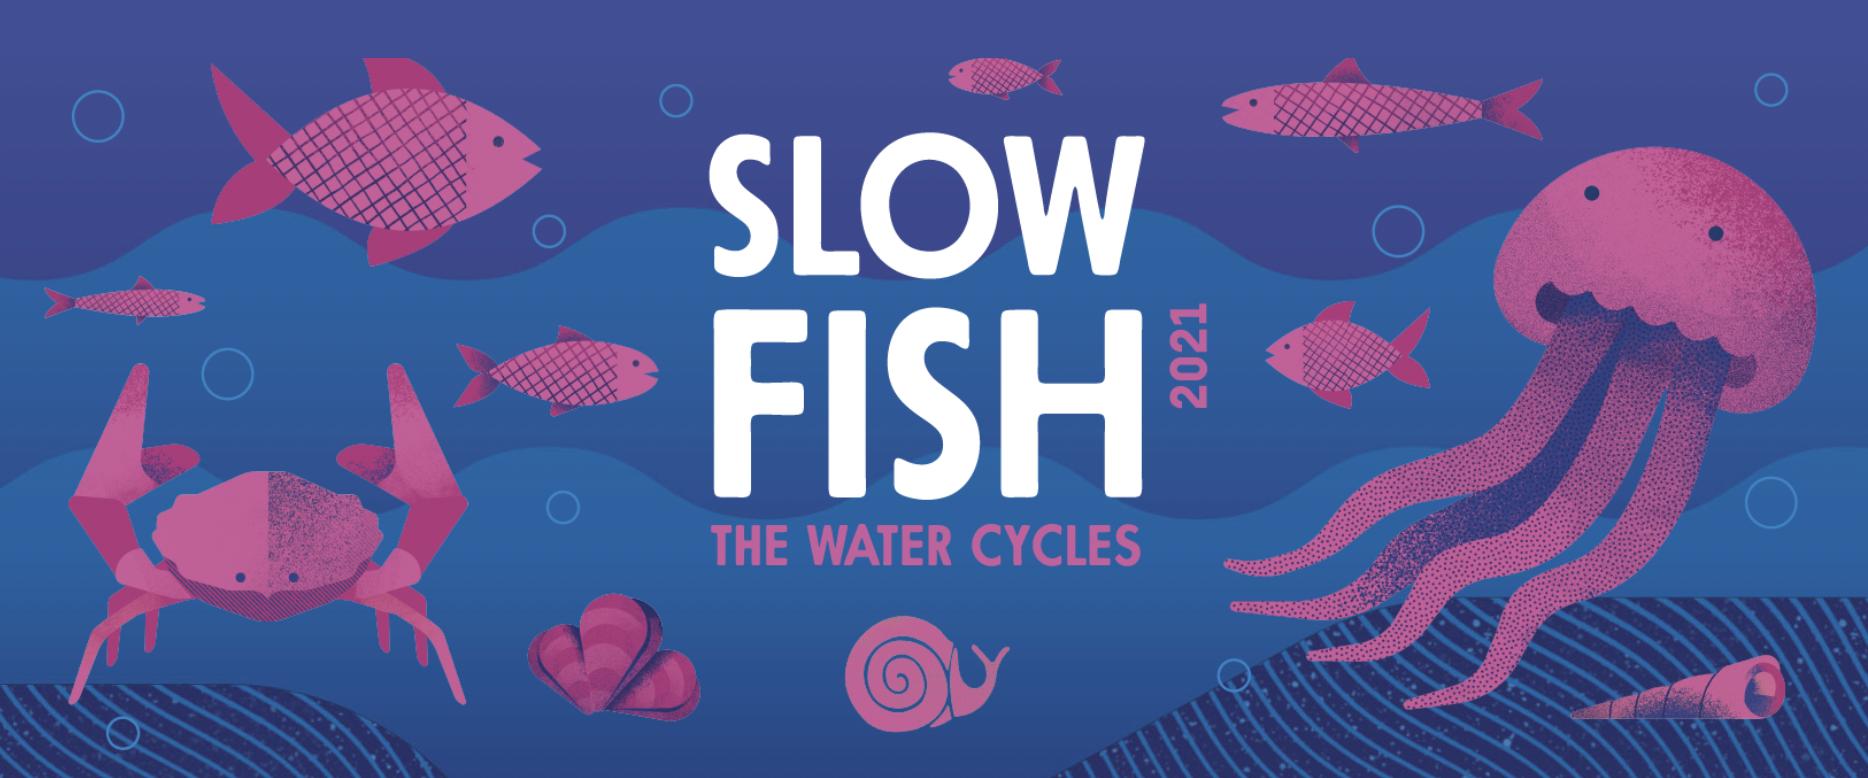 slowfish